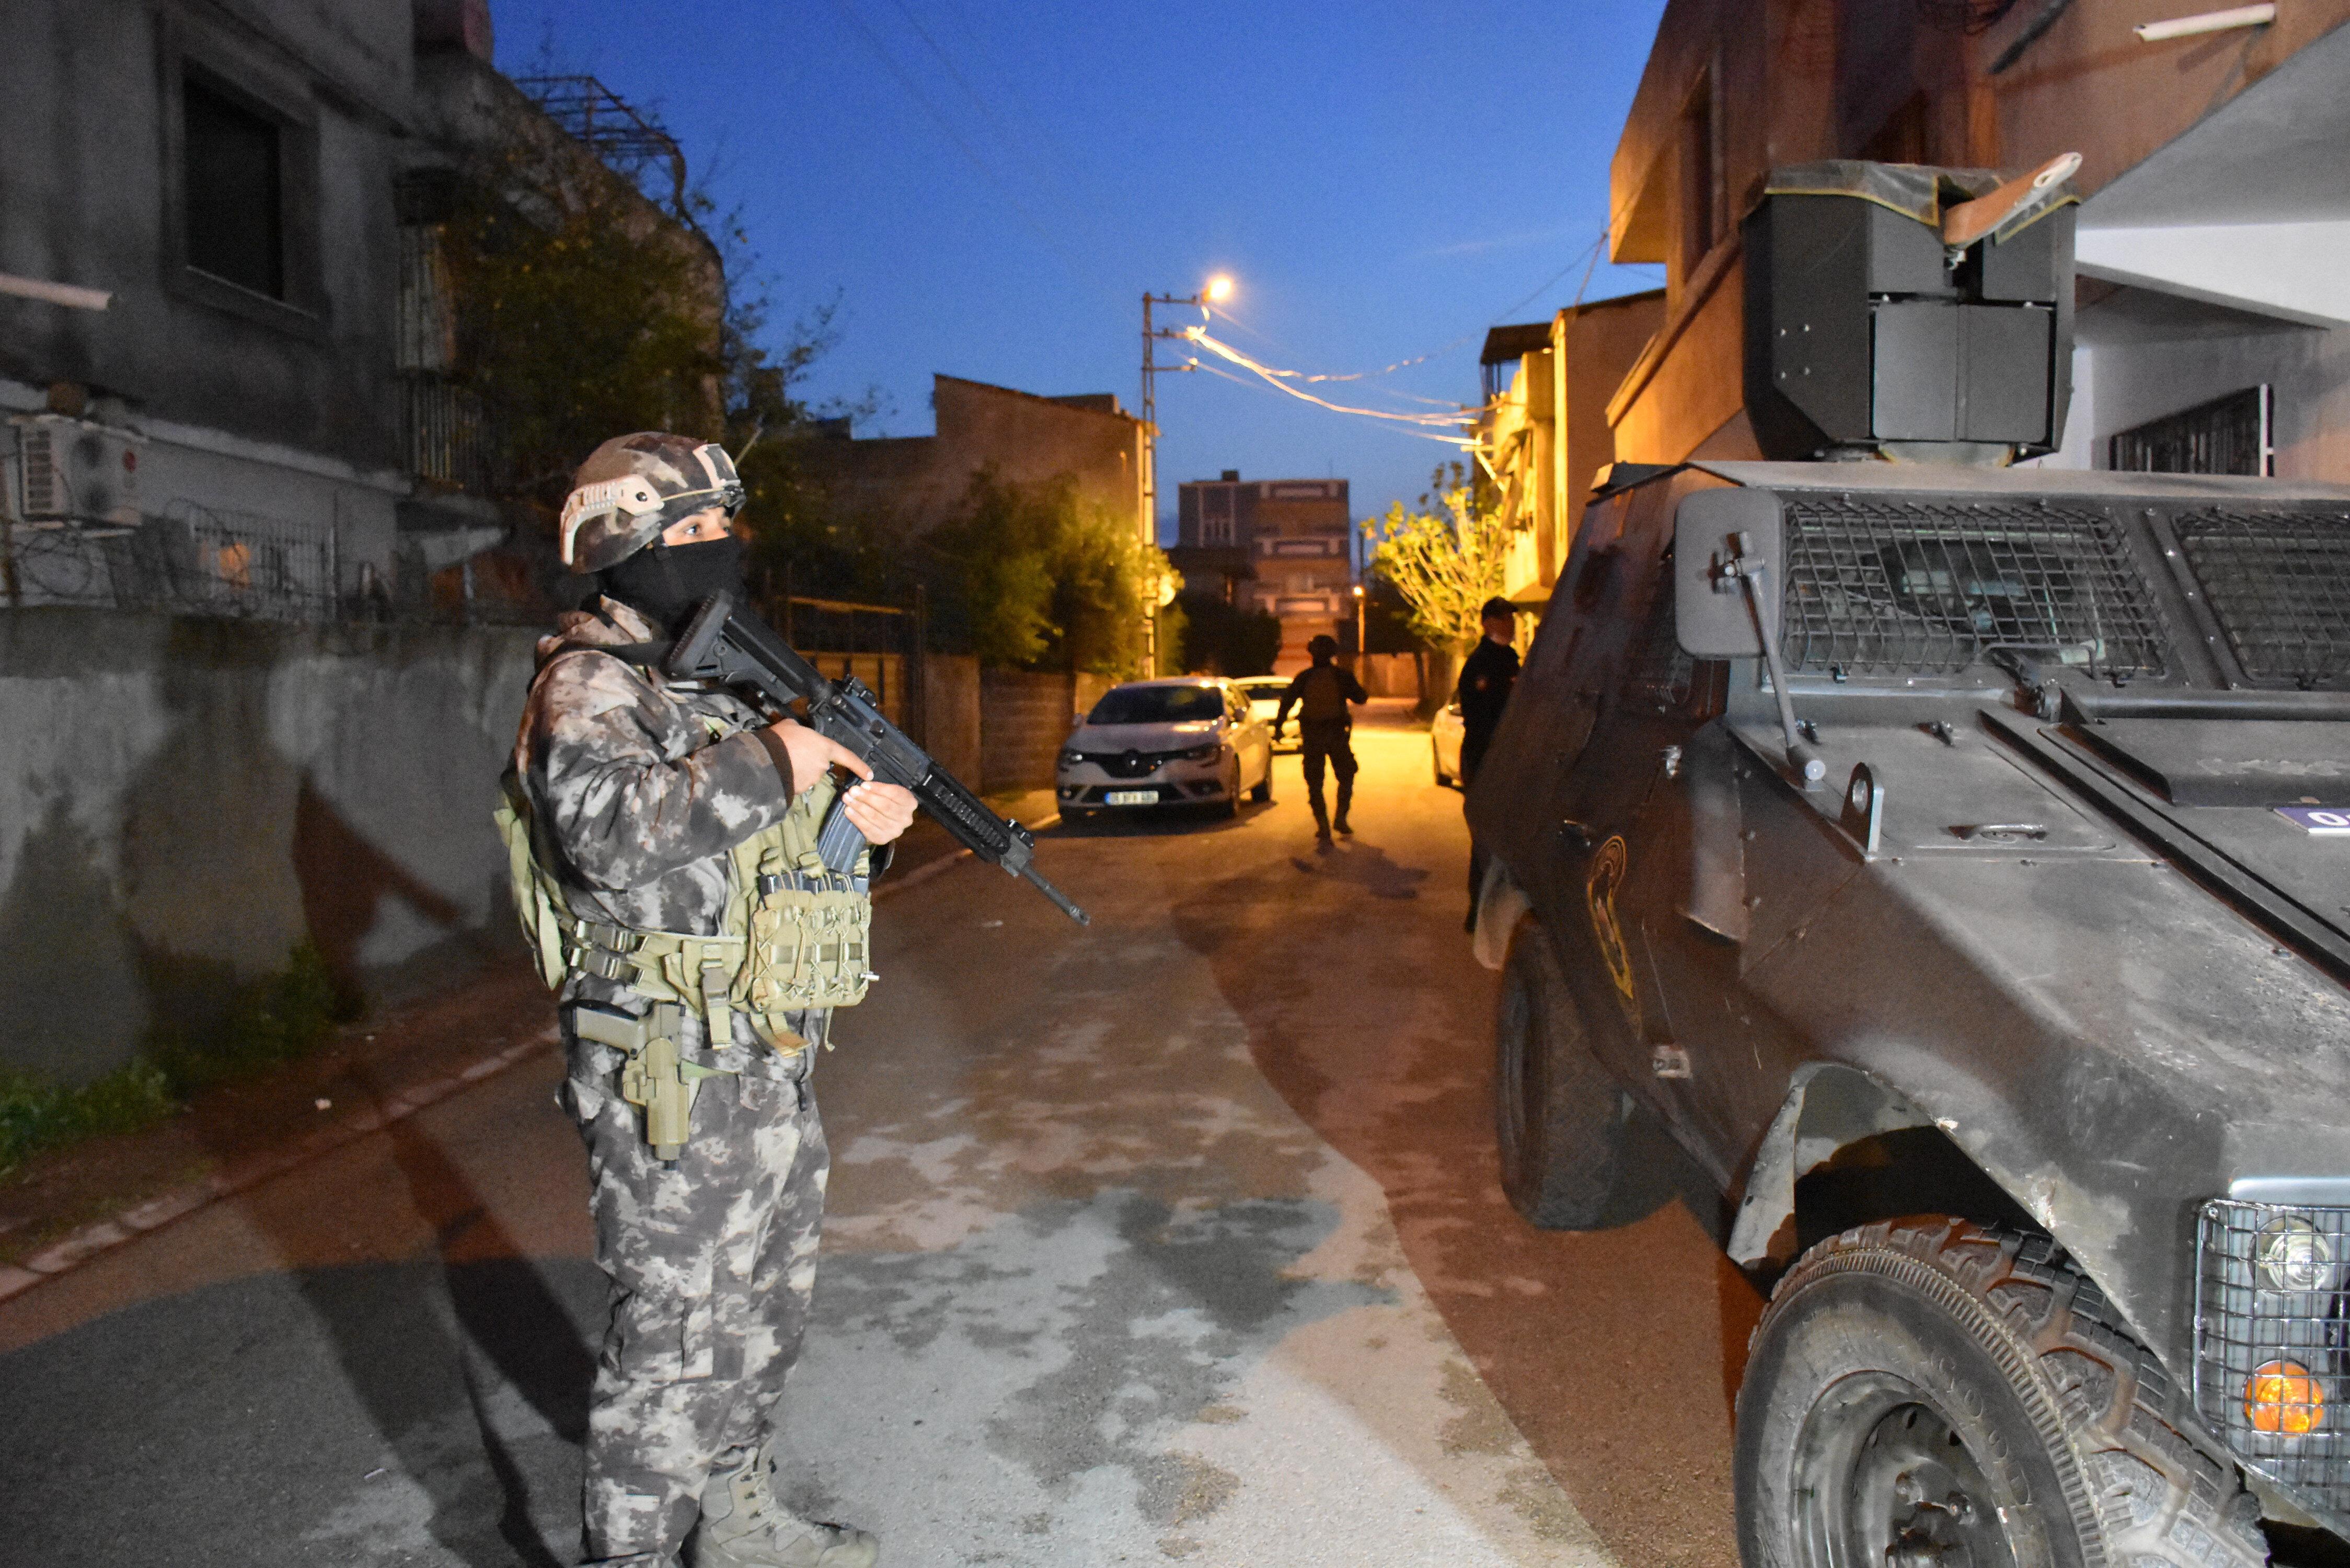 Adana'da PKK/KCK'ya yönelik operasyonda 8 şüpheli gözaltına alındı - Yeni  Şafak